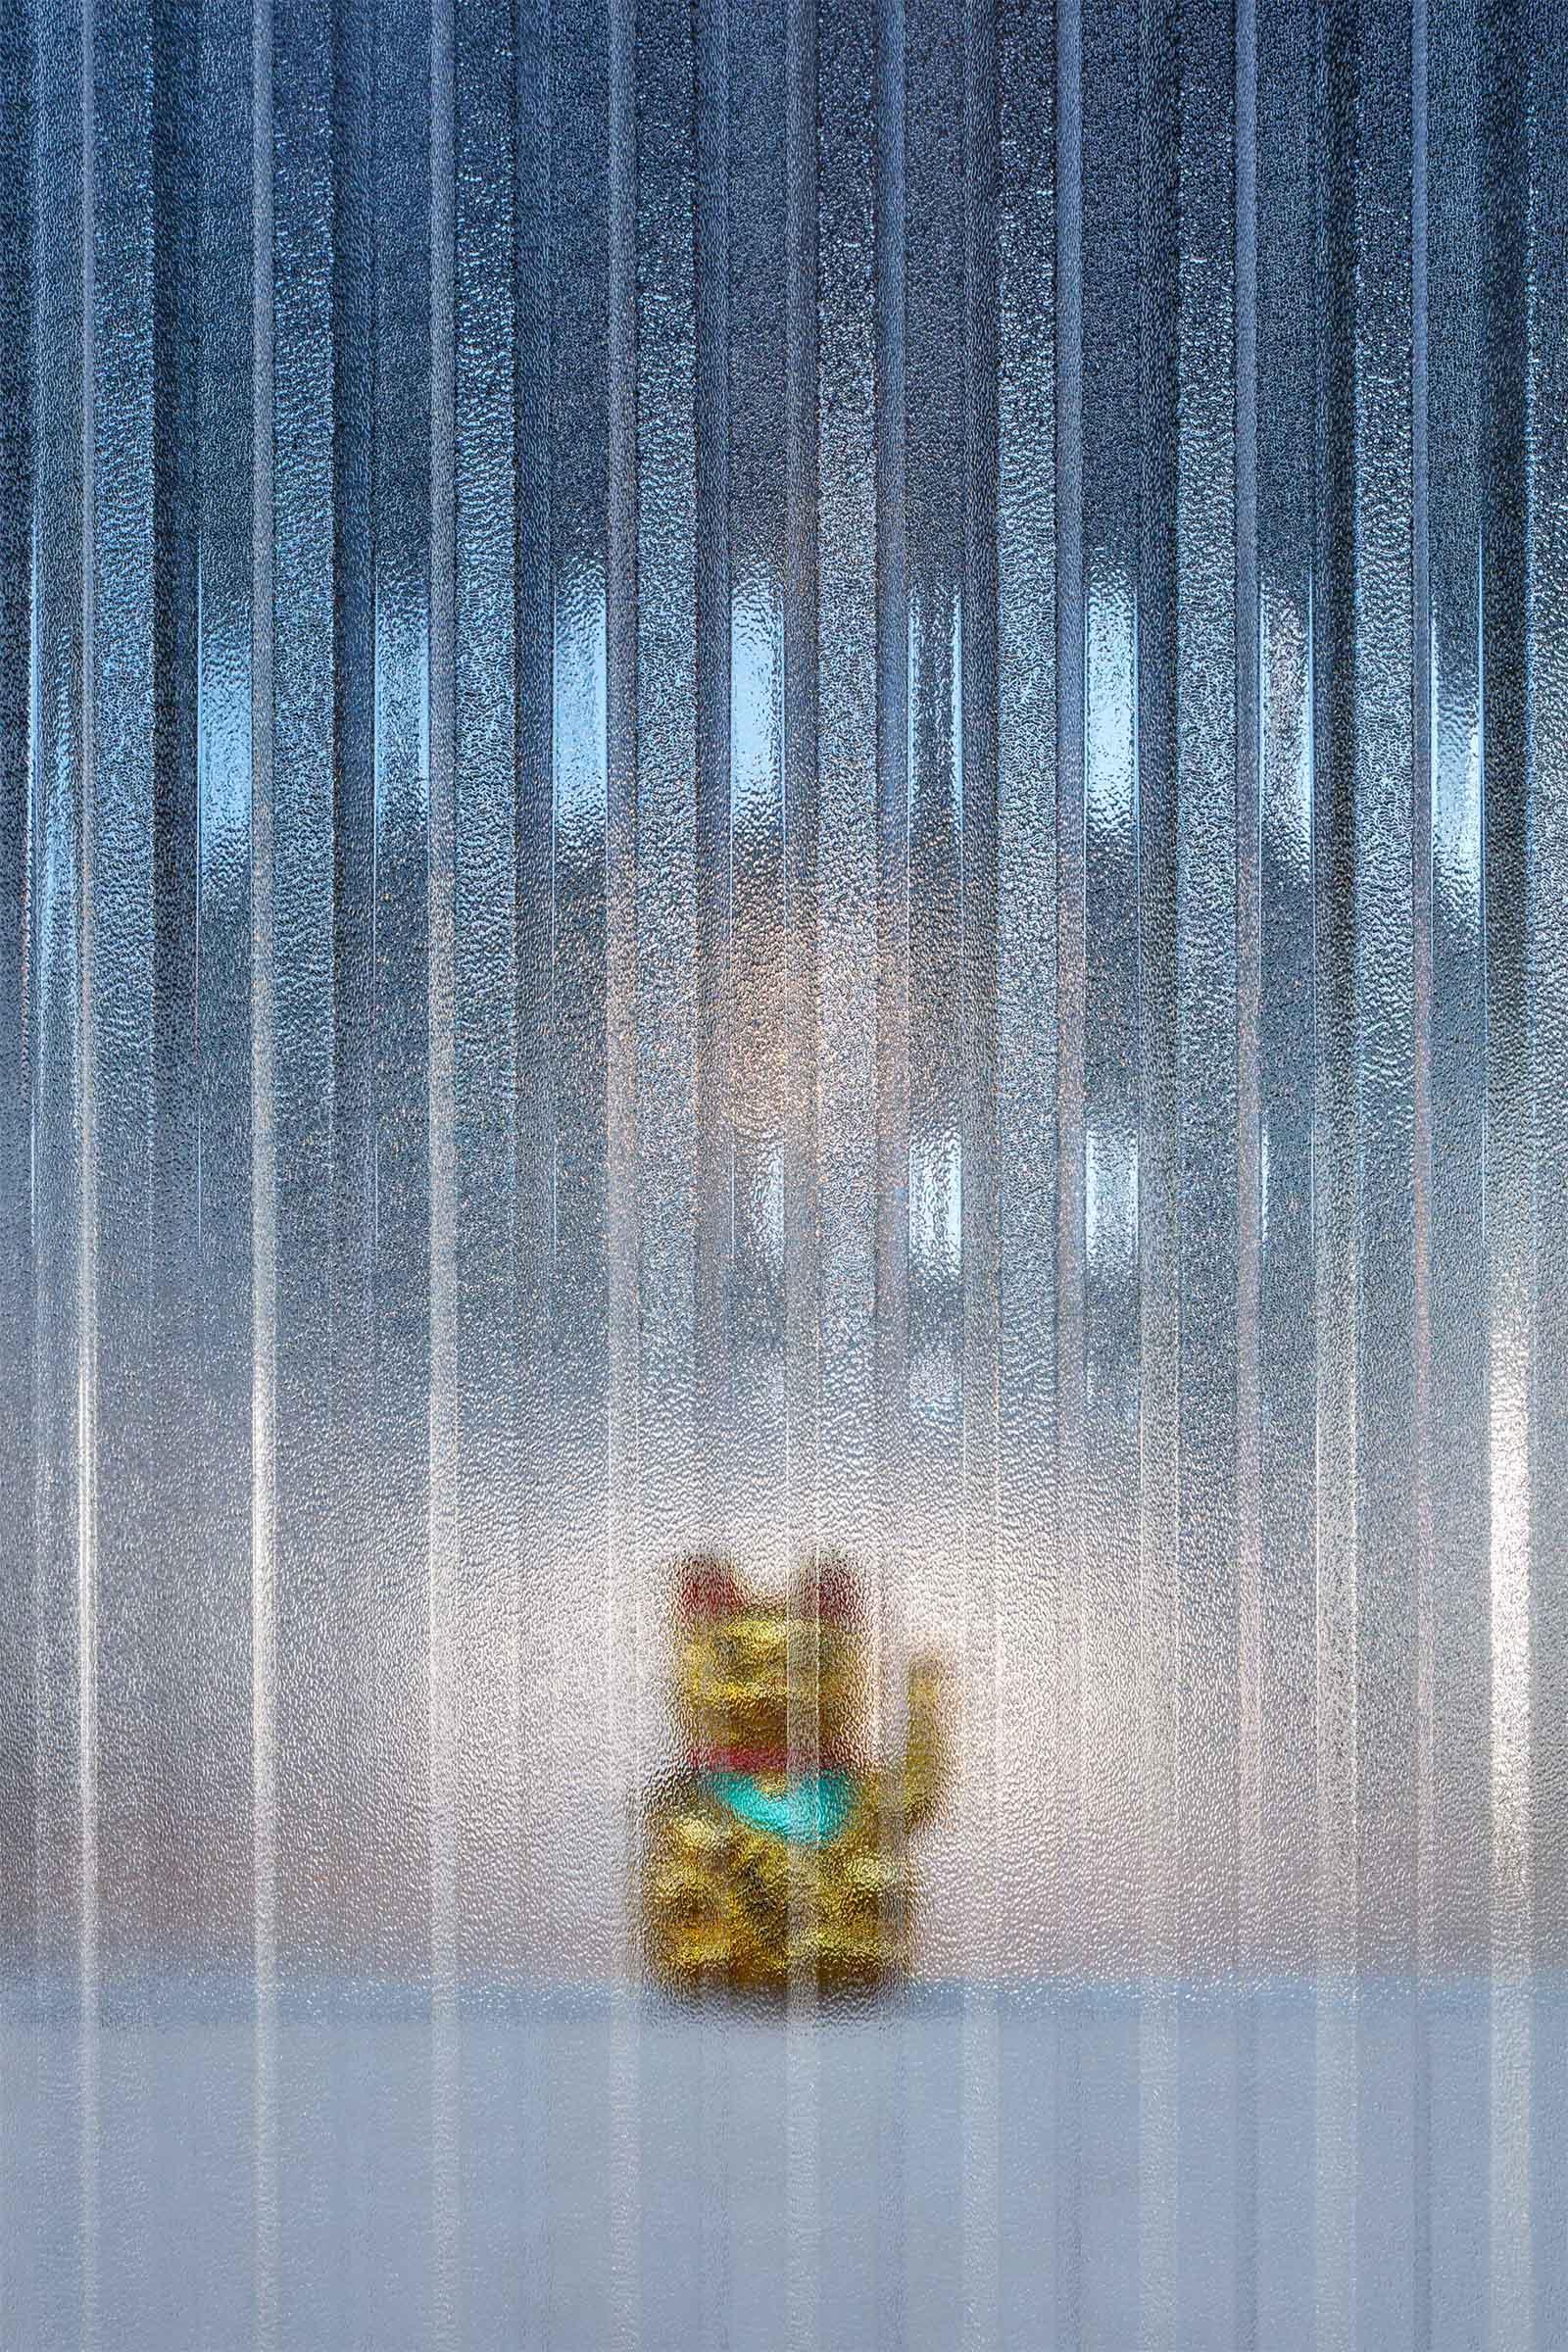 Kanceláře Sinnerschrader Praha - Maneki Neko umístěná za trapézovou polykarbonátovou stěnou meetign boxu. Maneki neko má svému majiteli přinášet štěstí a bohatství. Autor: Kurz architekti